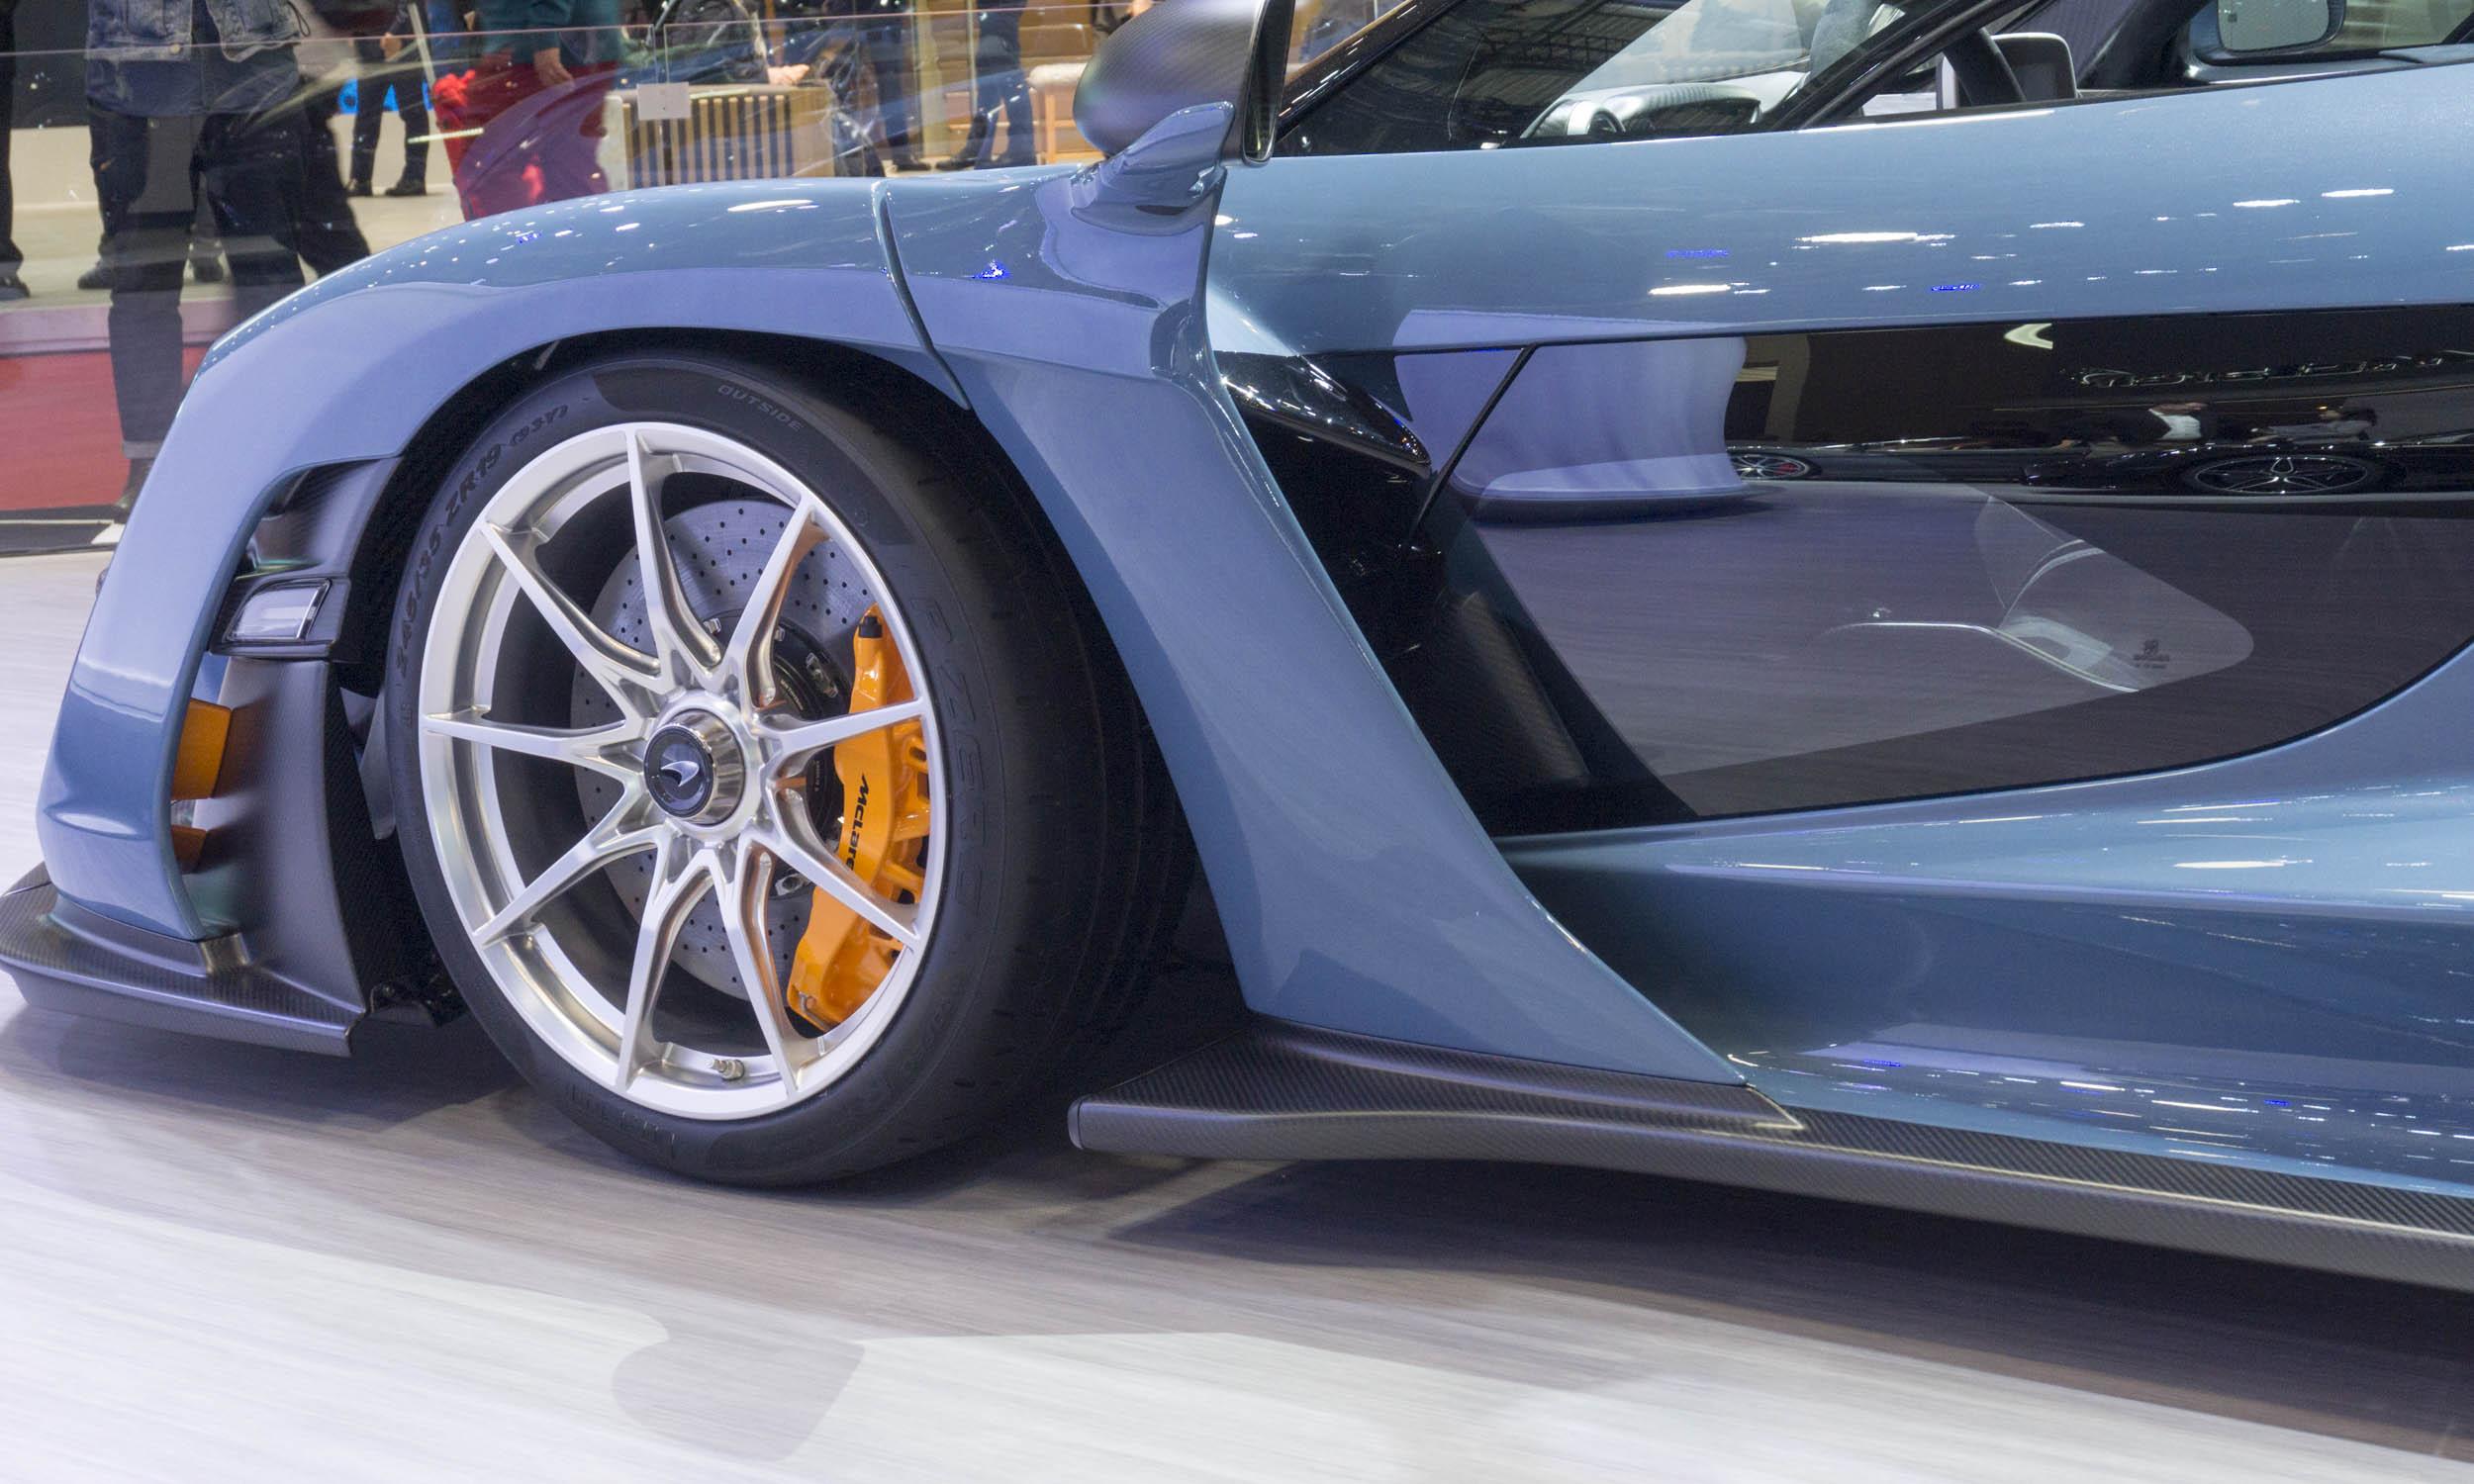 Racetrac Wheels Car Show